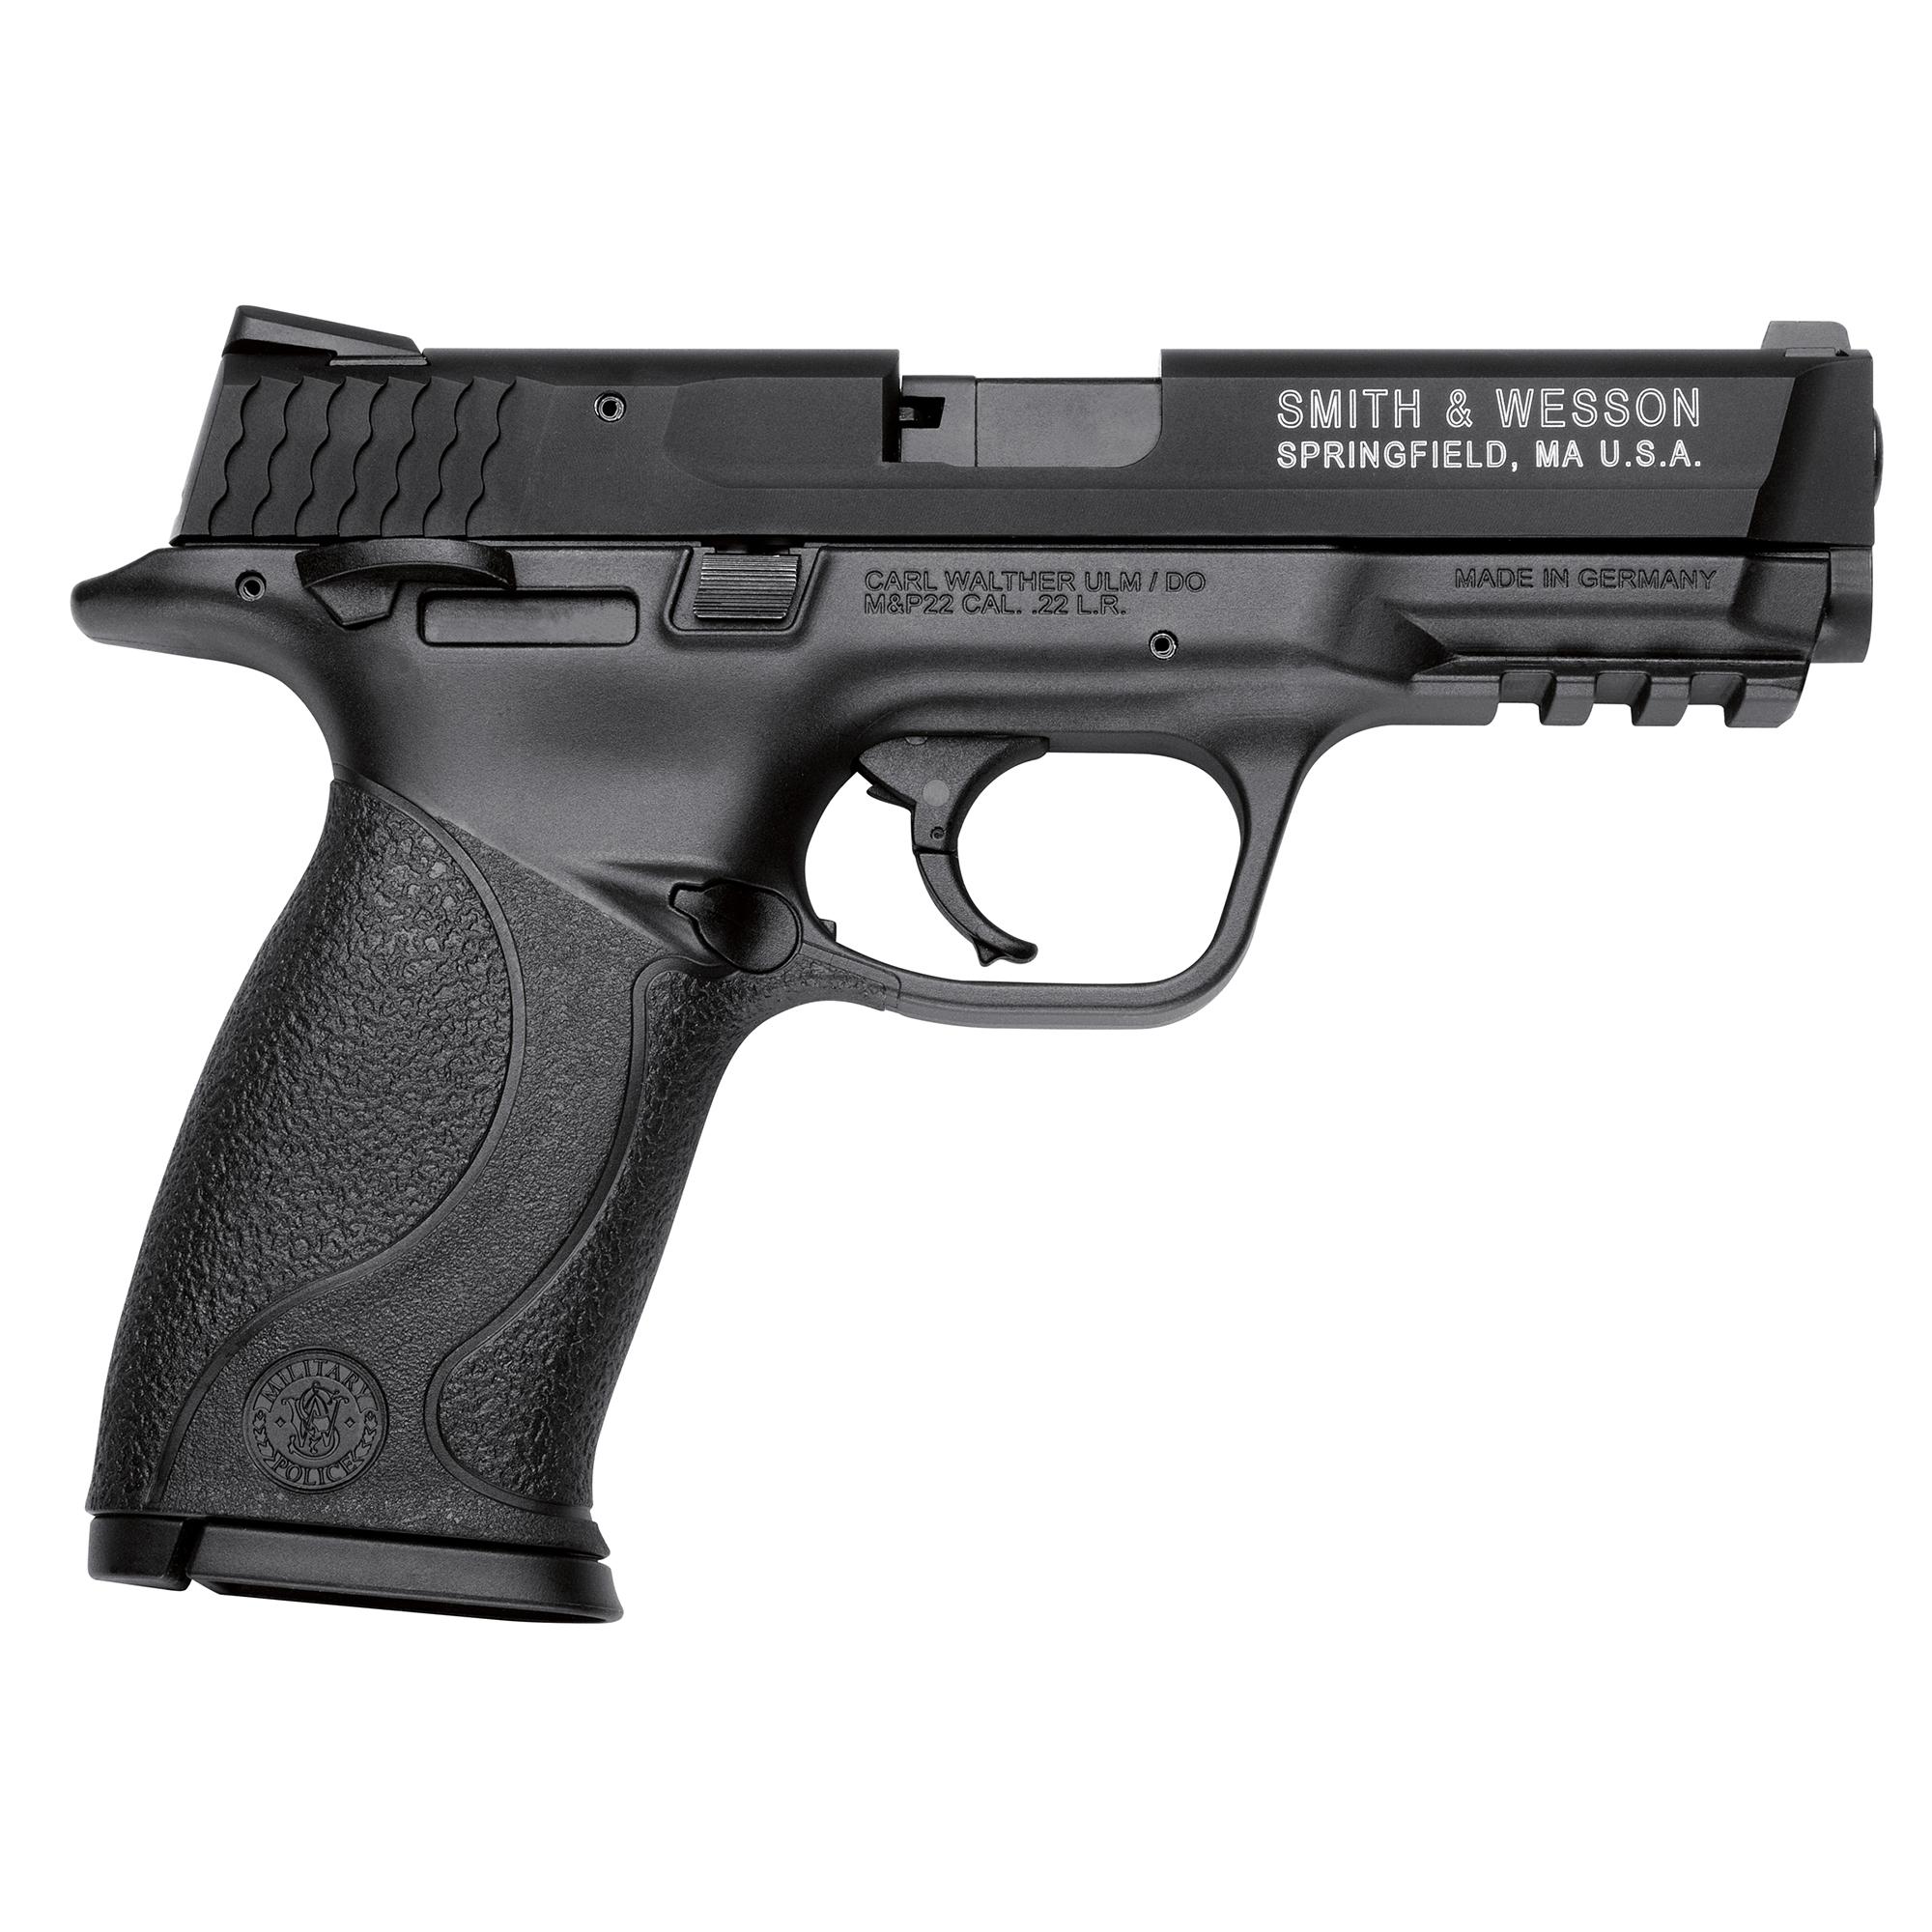 Smith & Wesson M & P22 Handgun